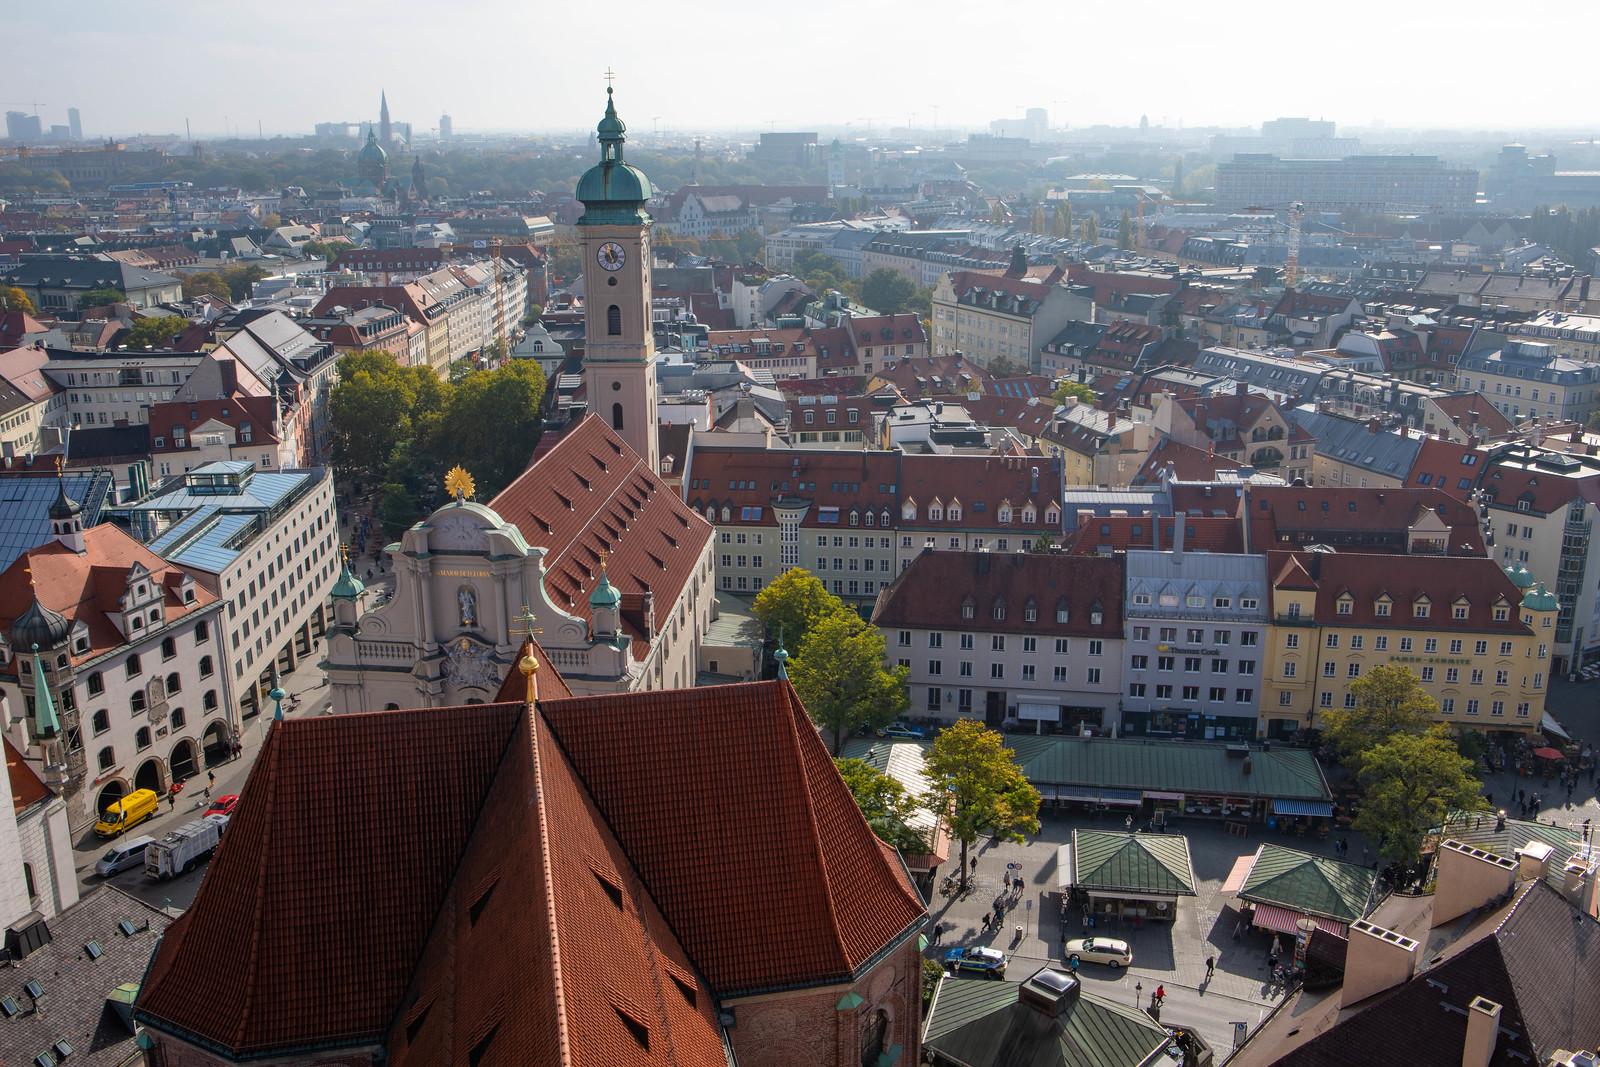 10.10. Munich